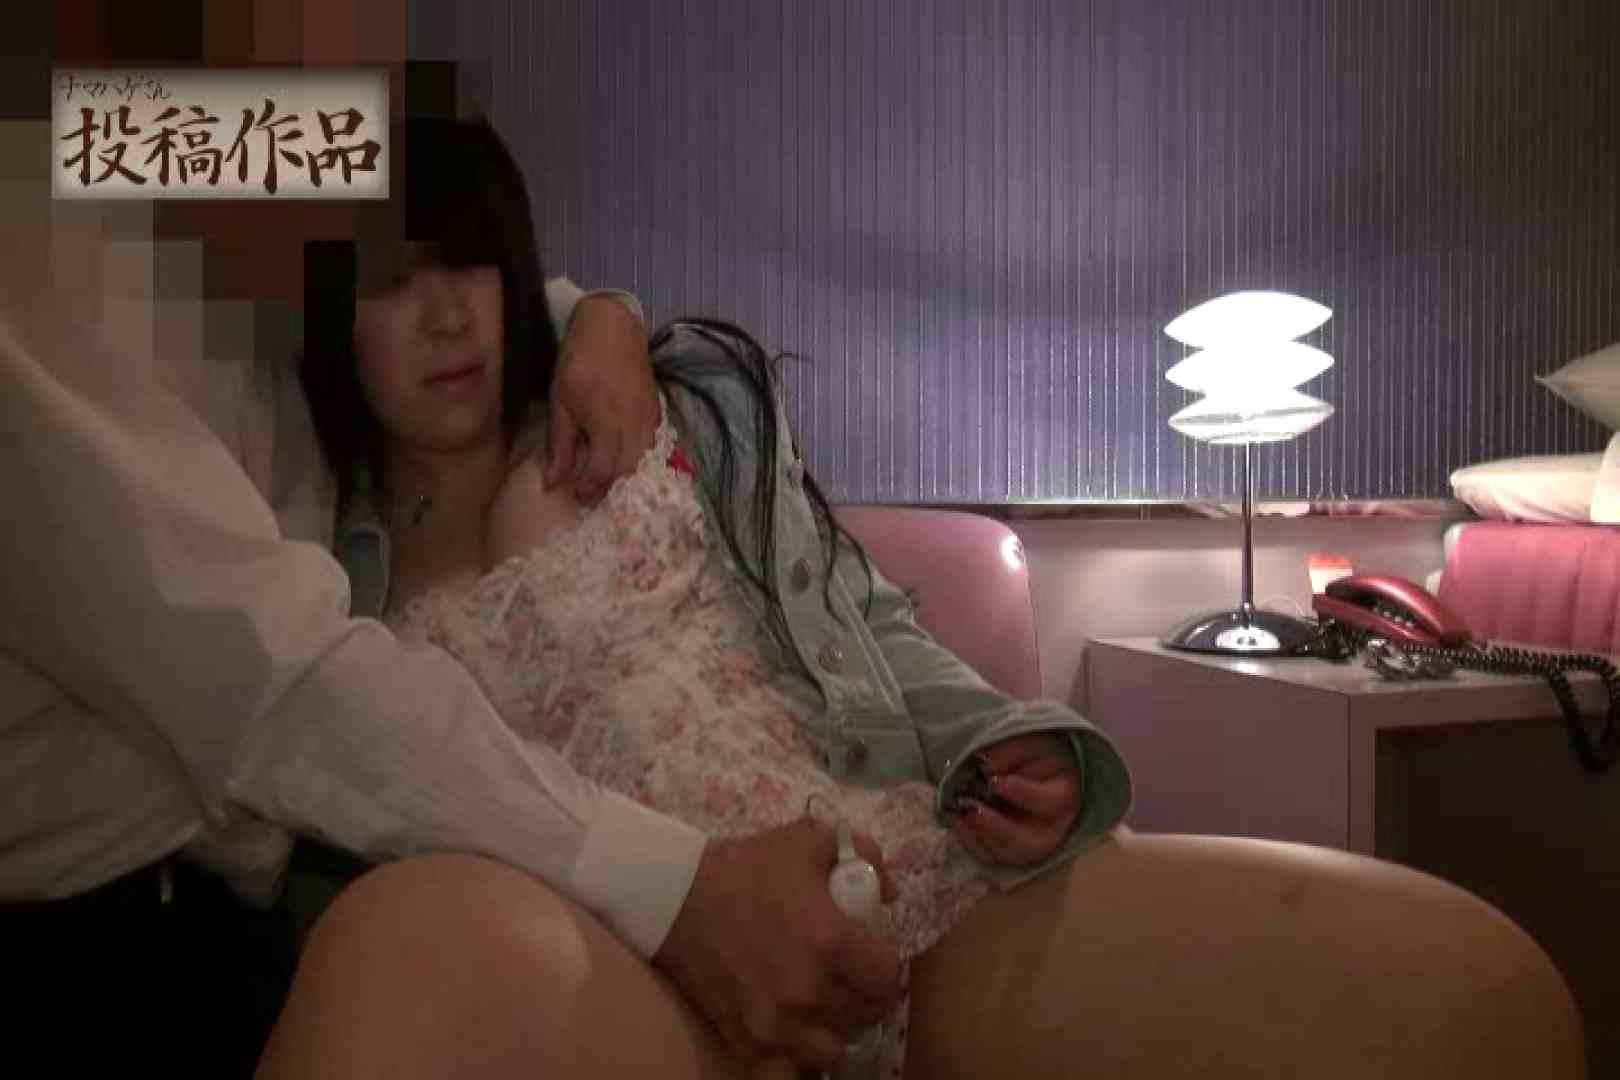 ナマハゲさんのまんこコレクション第二章 noa お尻  75連発 10